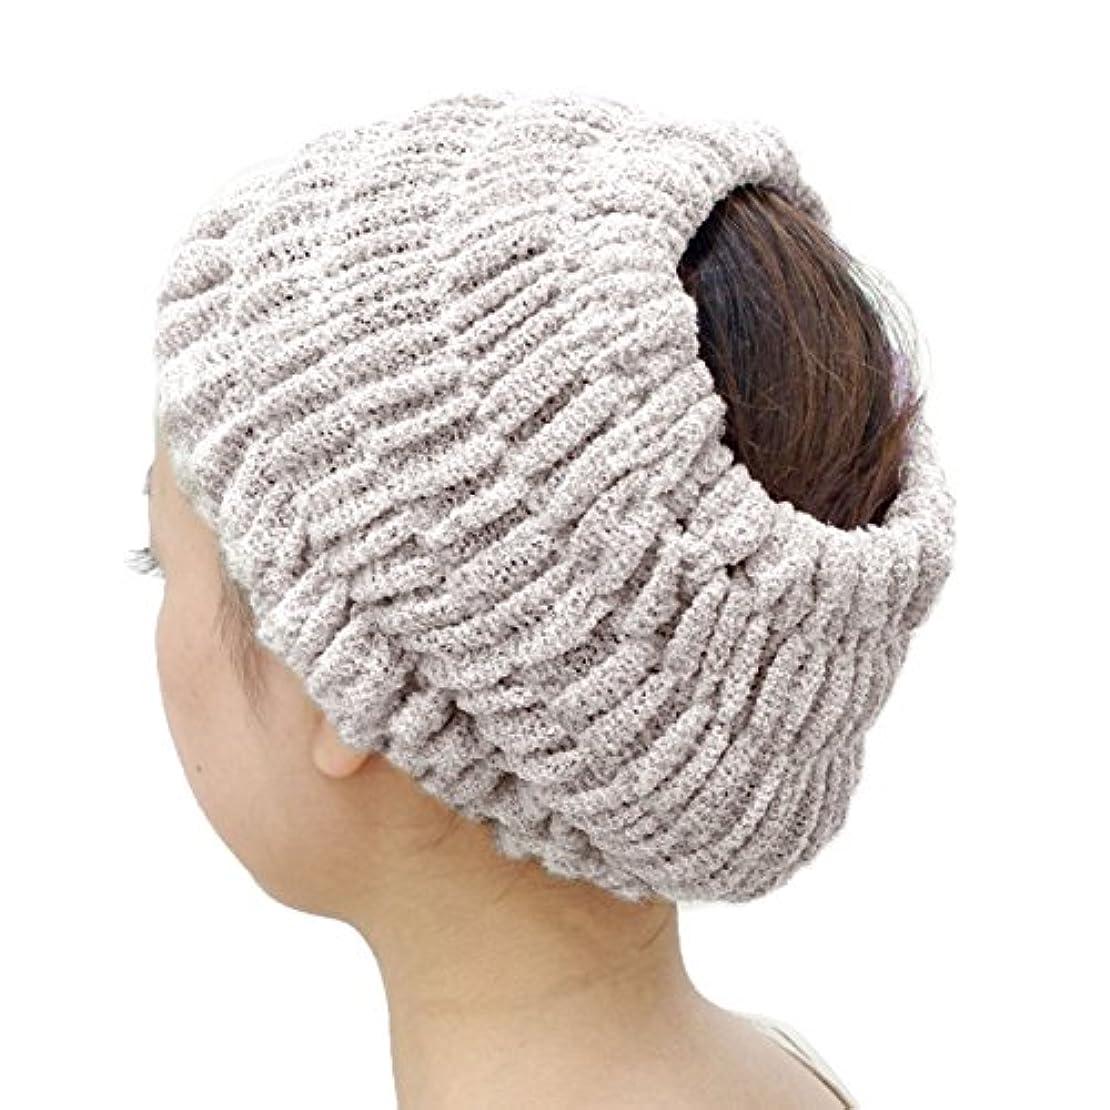 付添人必要条件ラベンダーオカ(OKA) プリスベイス エピ 乾きやすいバスヘアターバン ブラウン フリーサイズ PLYS base epi(ターバン ヘアバンド 髪留め)